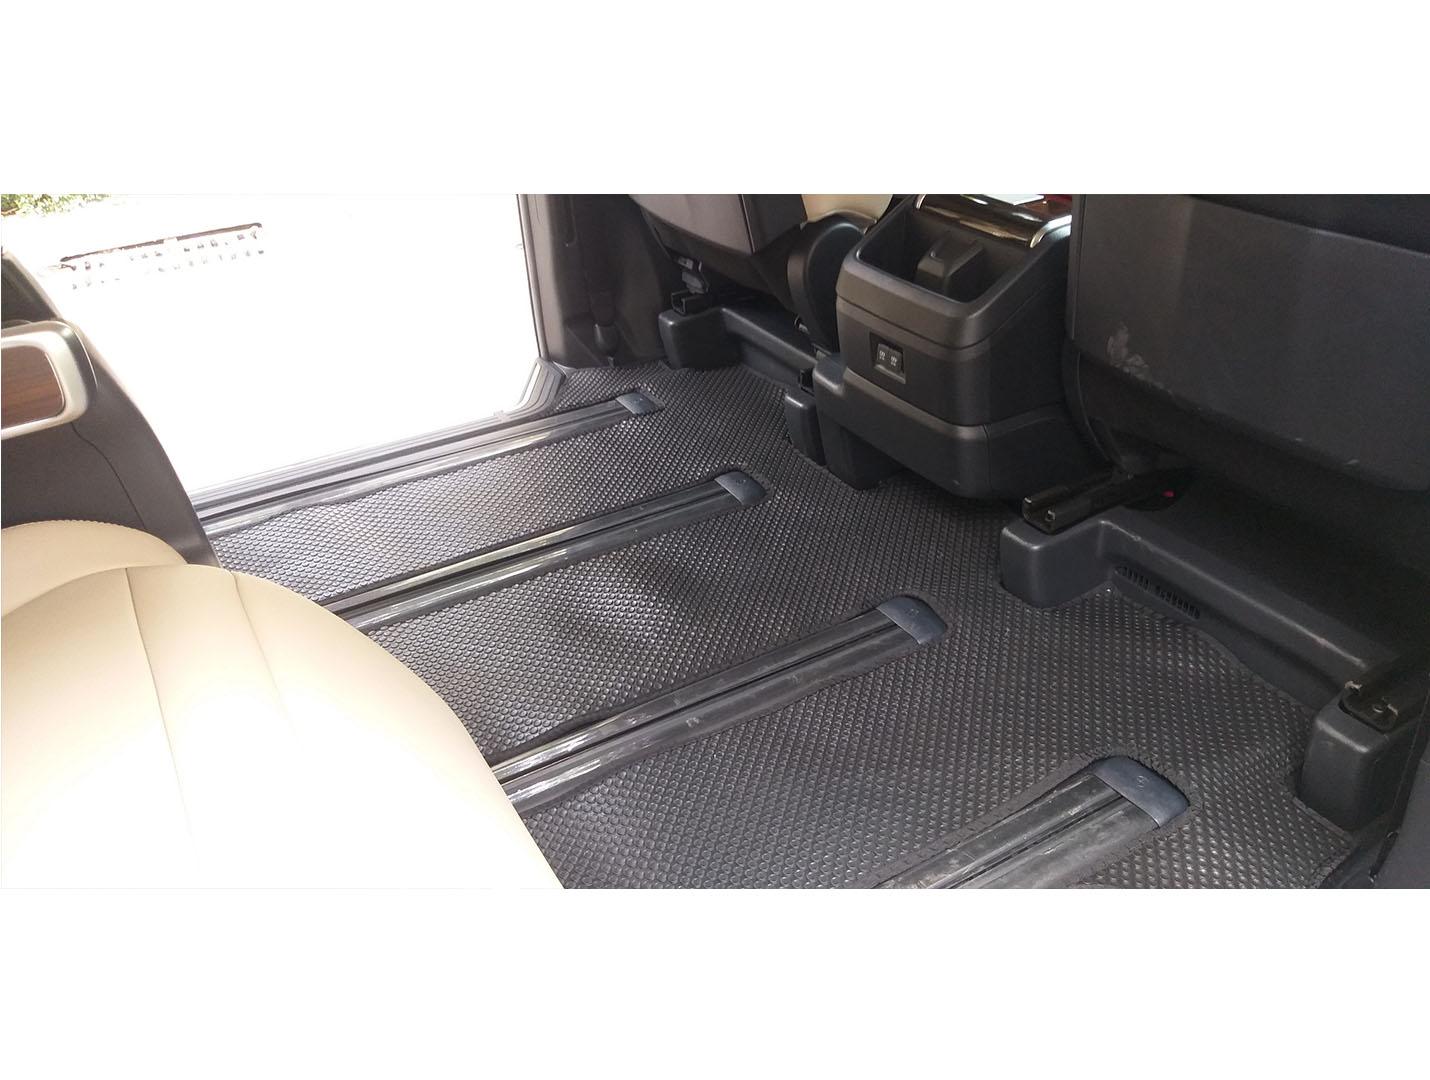 Thảm lót sàn KATA Toyota Granvia 2021